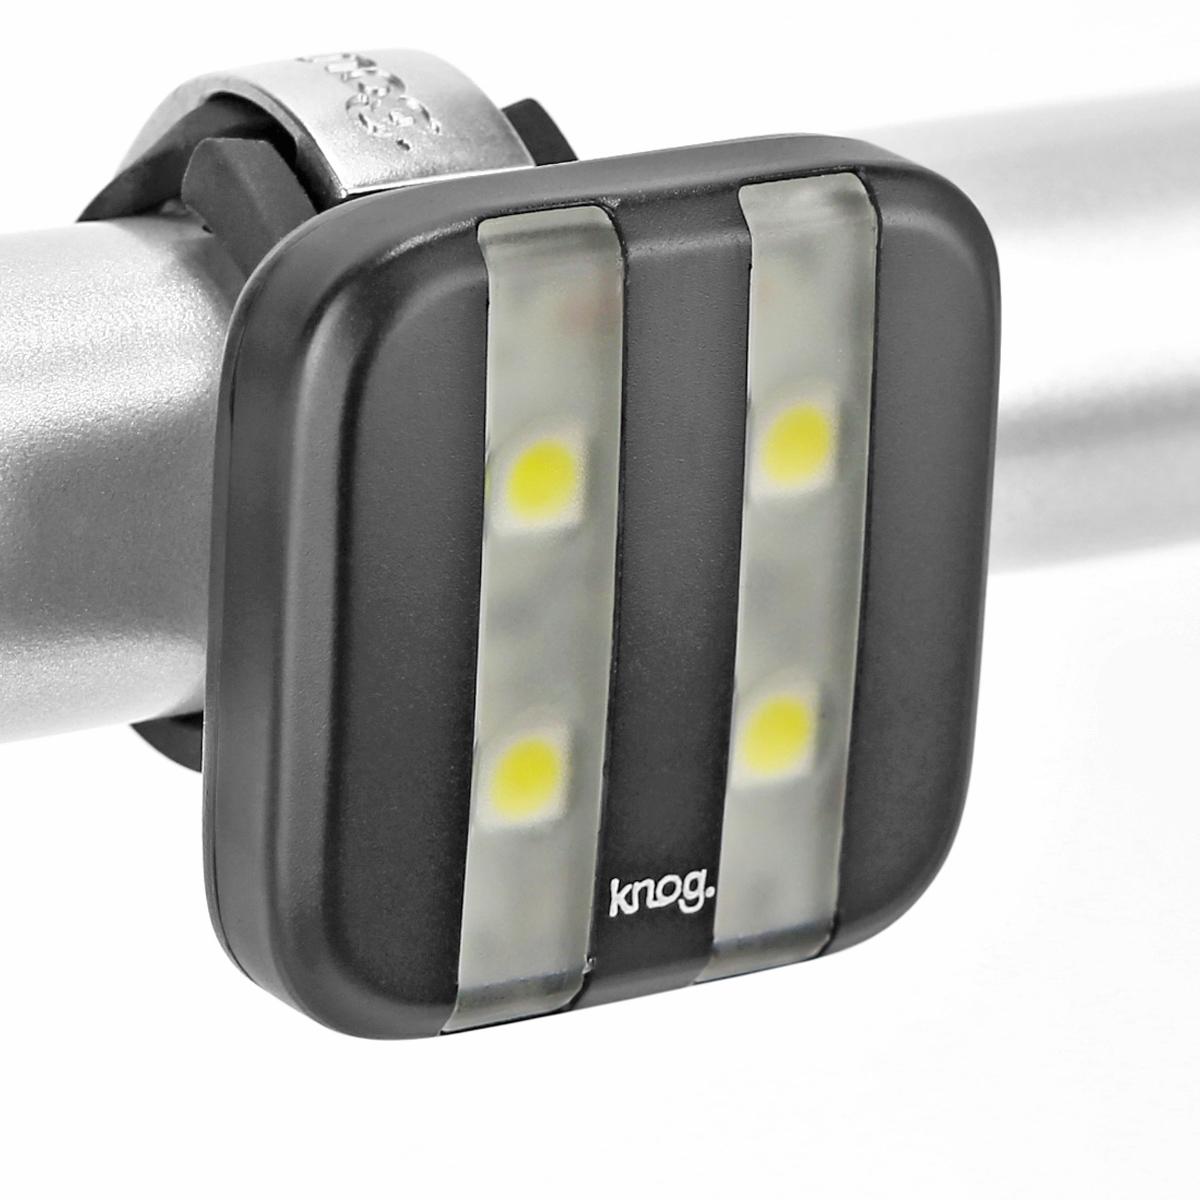 Éclairage arrière Knog Blinder Ligne 4 LED - Rouge